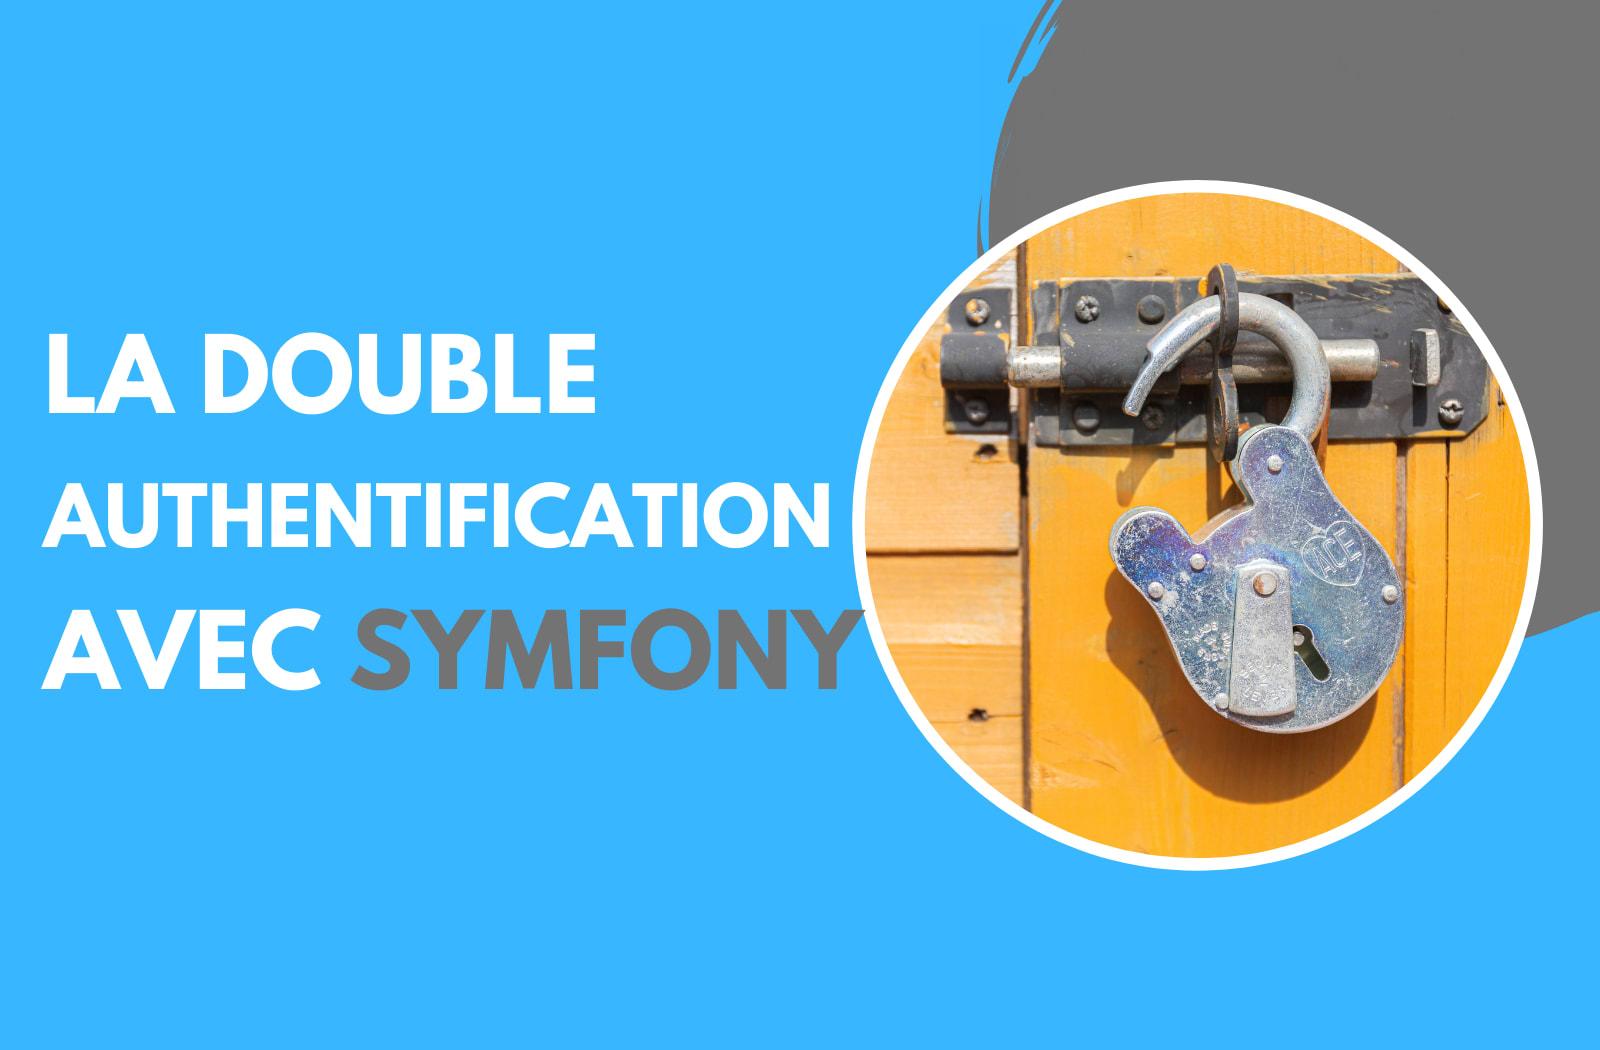 L'authentification à double facteur avec Symfony (2FA)